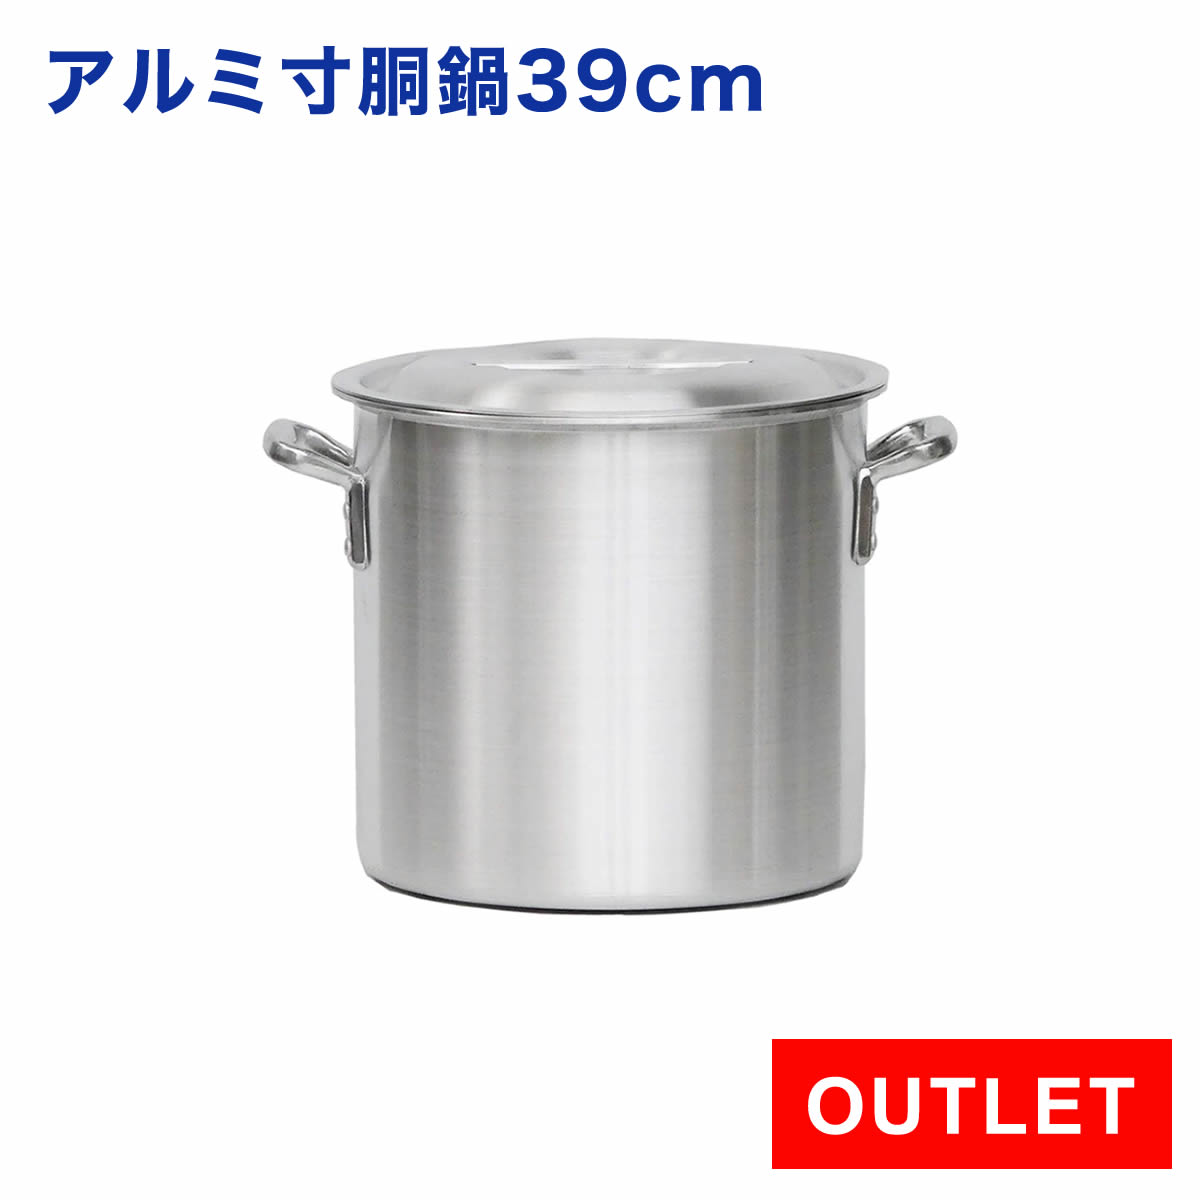 【アウトレット】業務用 アルミ寸胴鍋 プレミア 39cm